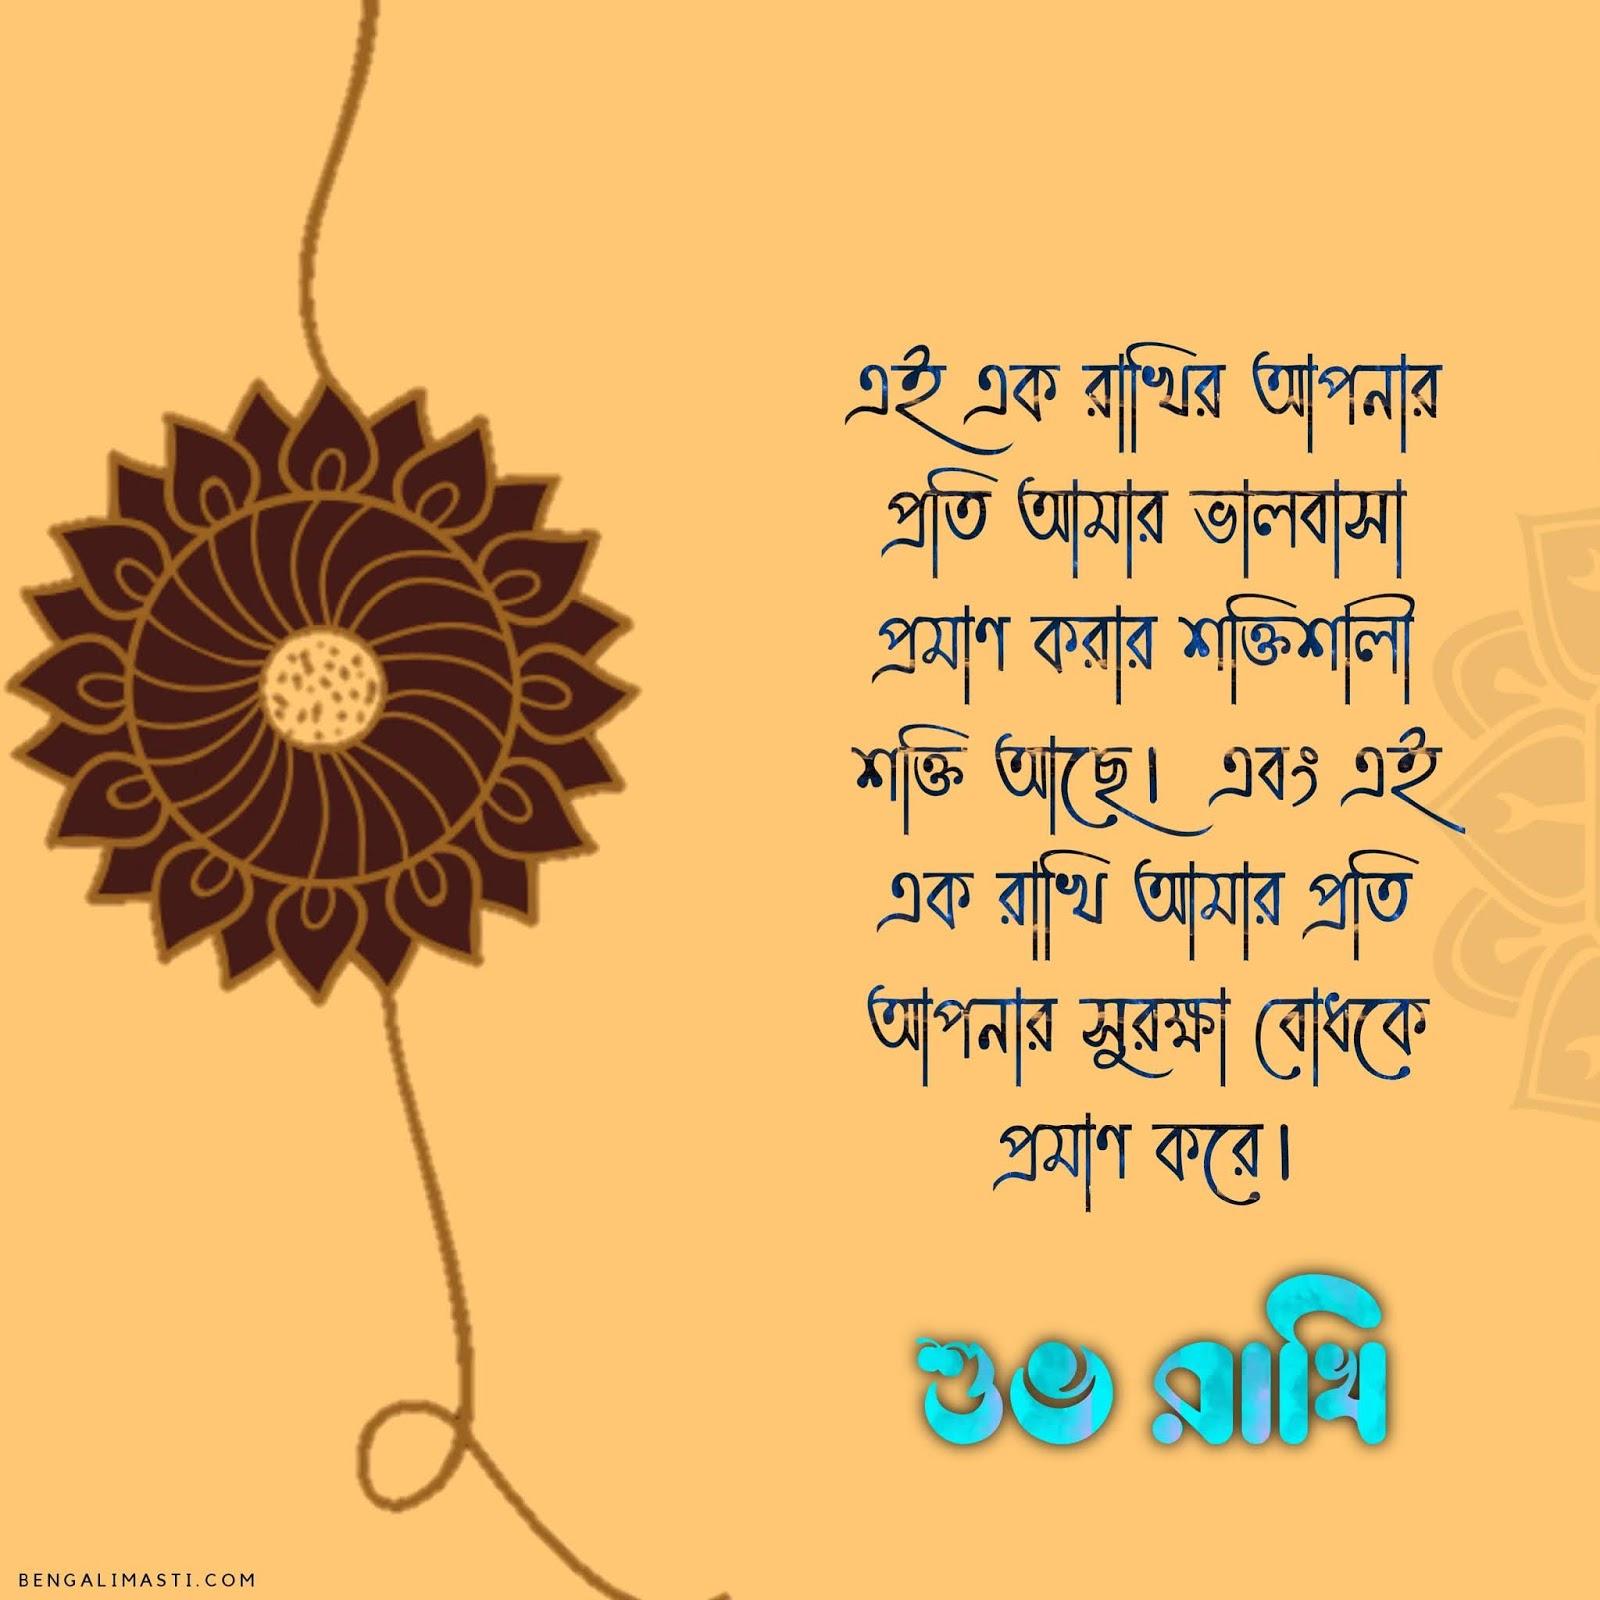 50+ Bengali Happy Raksha Bandhan Quotes, Wish, Status, SMS